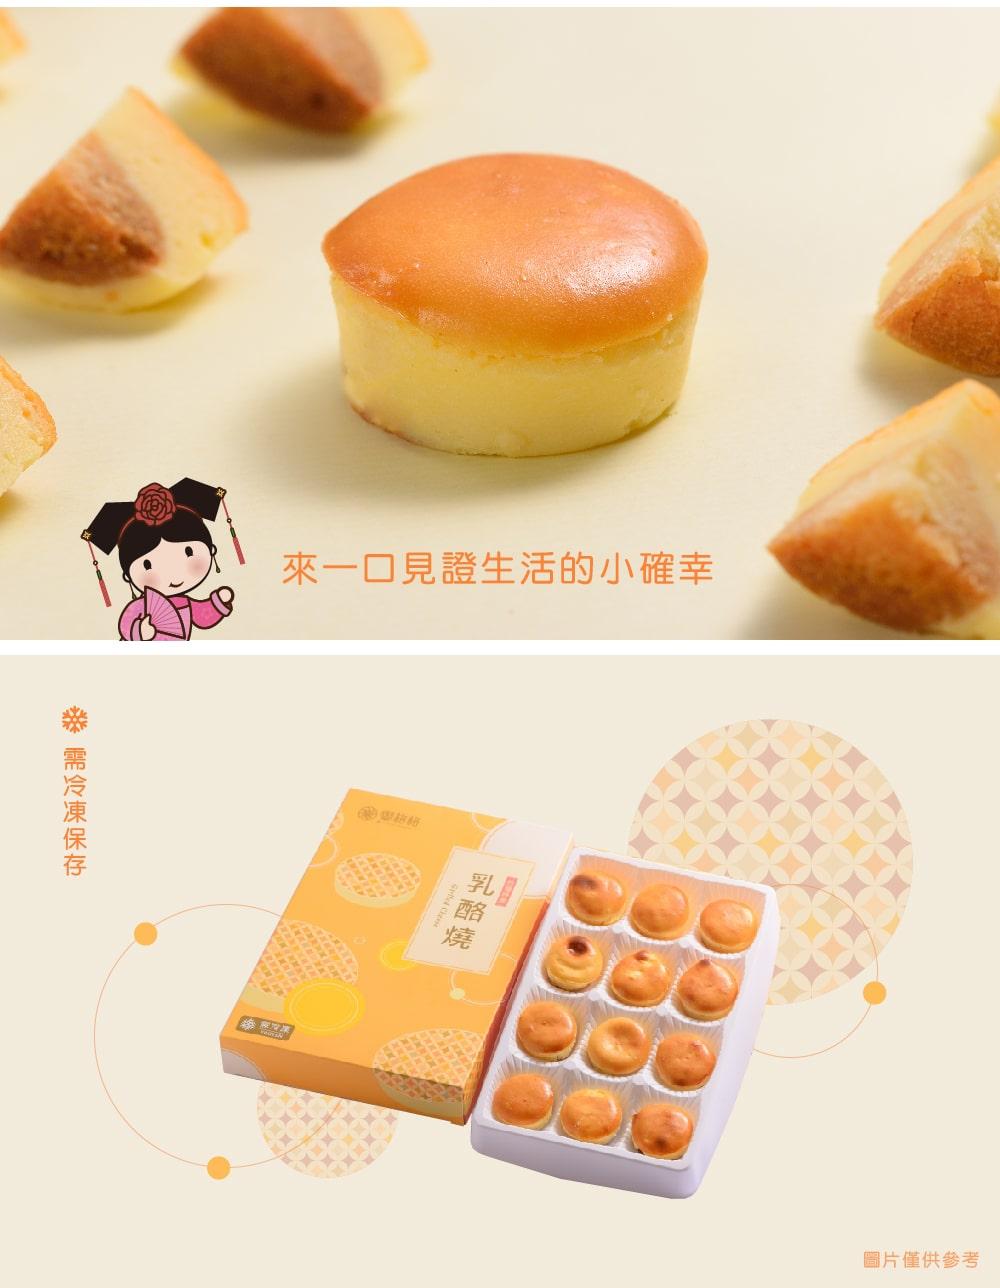 御格格-冰鎮餅類-09-min